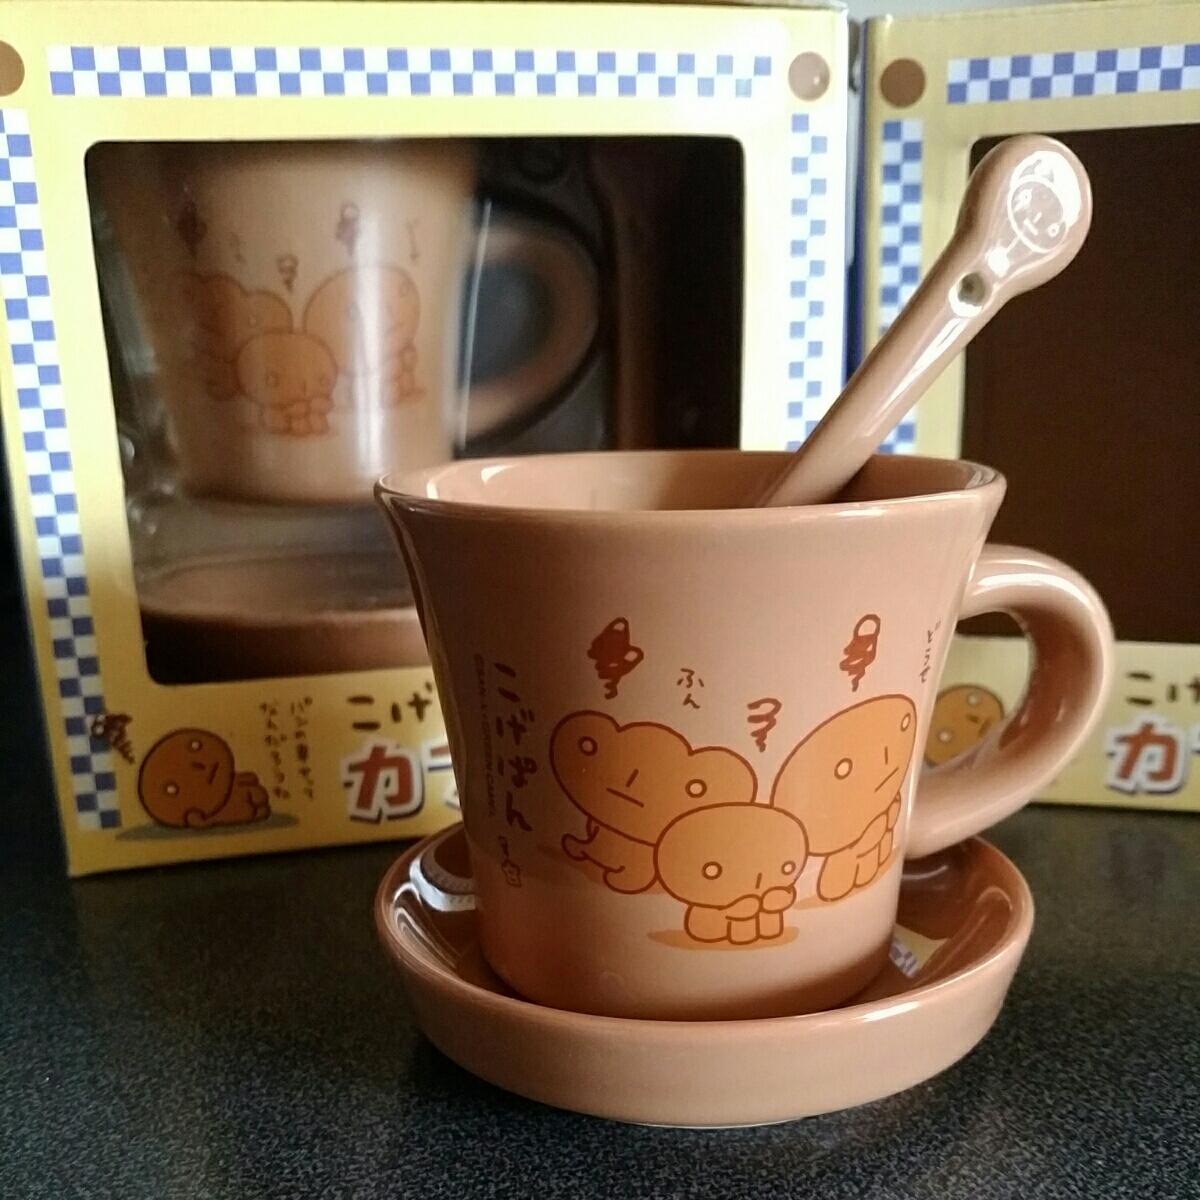 新品未使用☆レア☆ こげぱん カフェセット コーヒーカップペアセット スプーン皿付 フタ グッズの画像